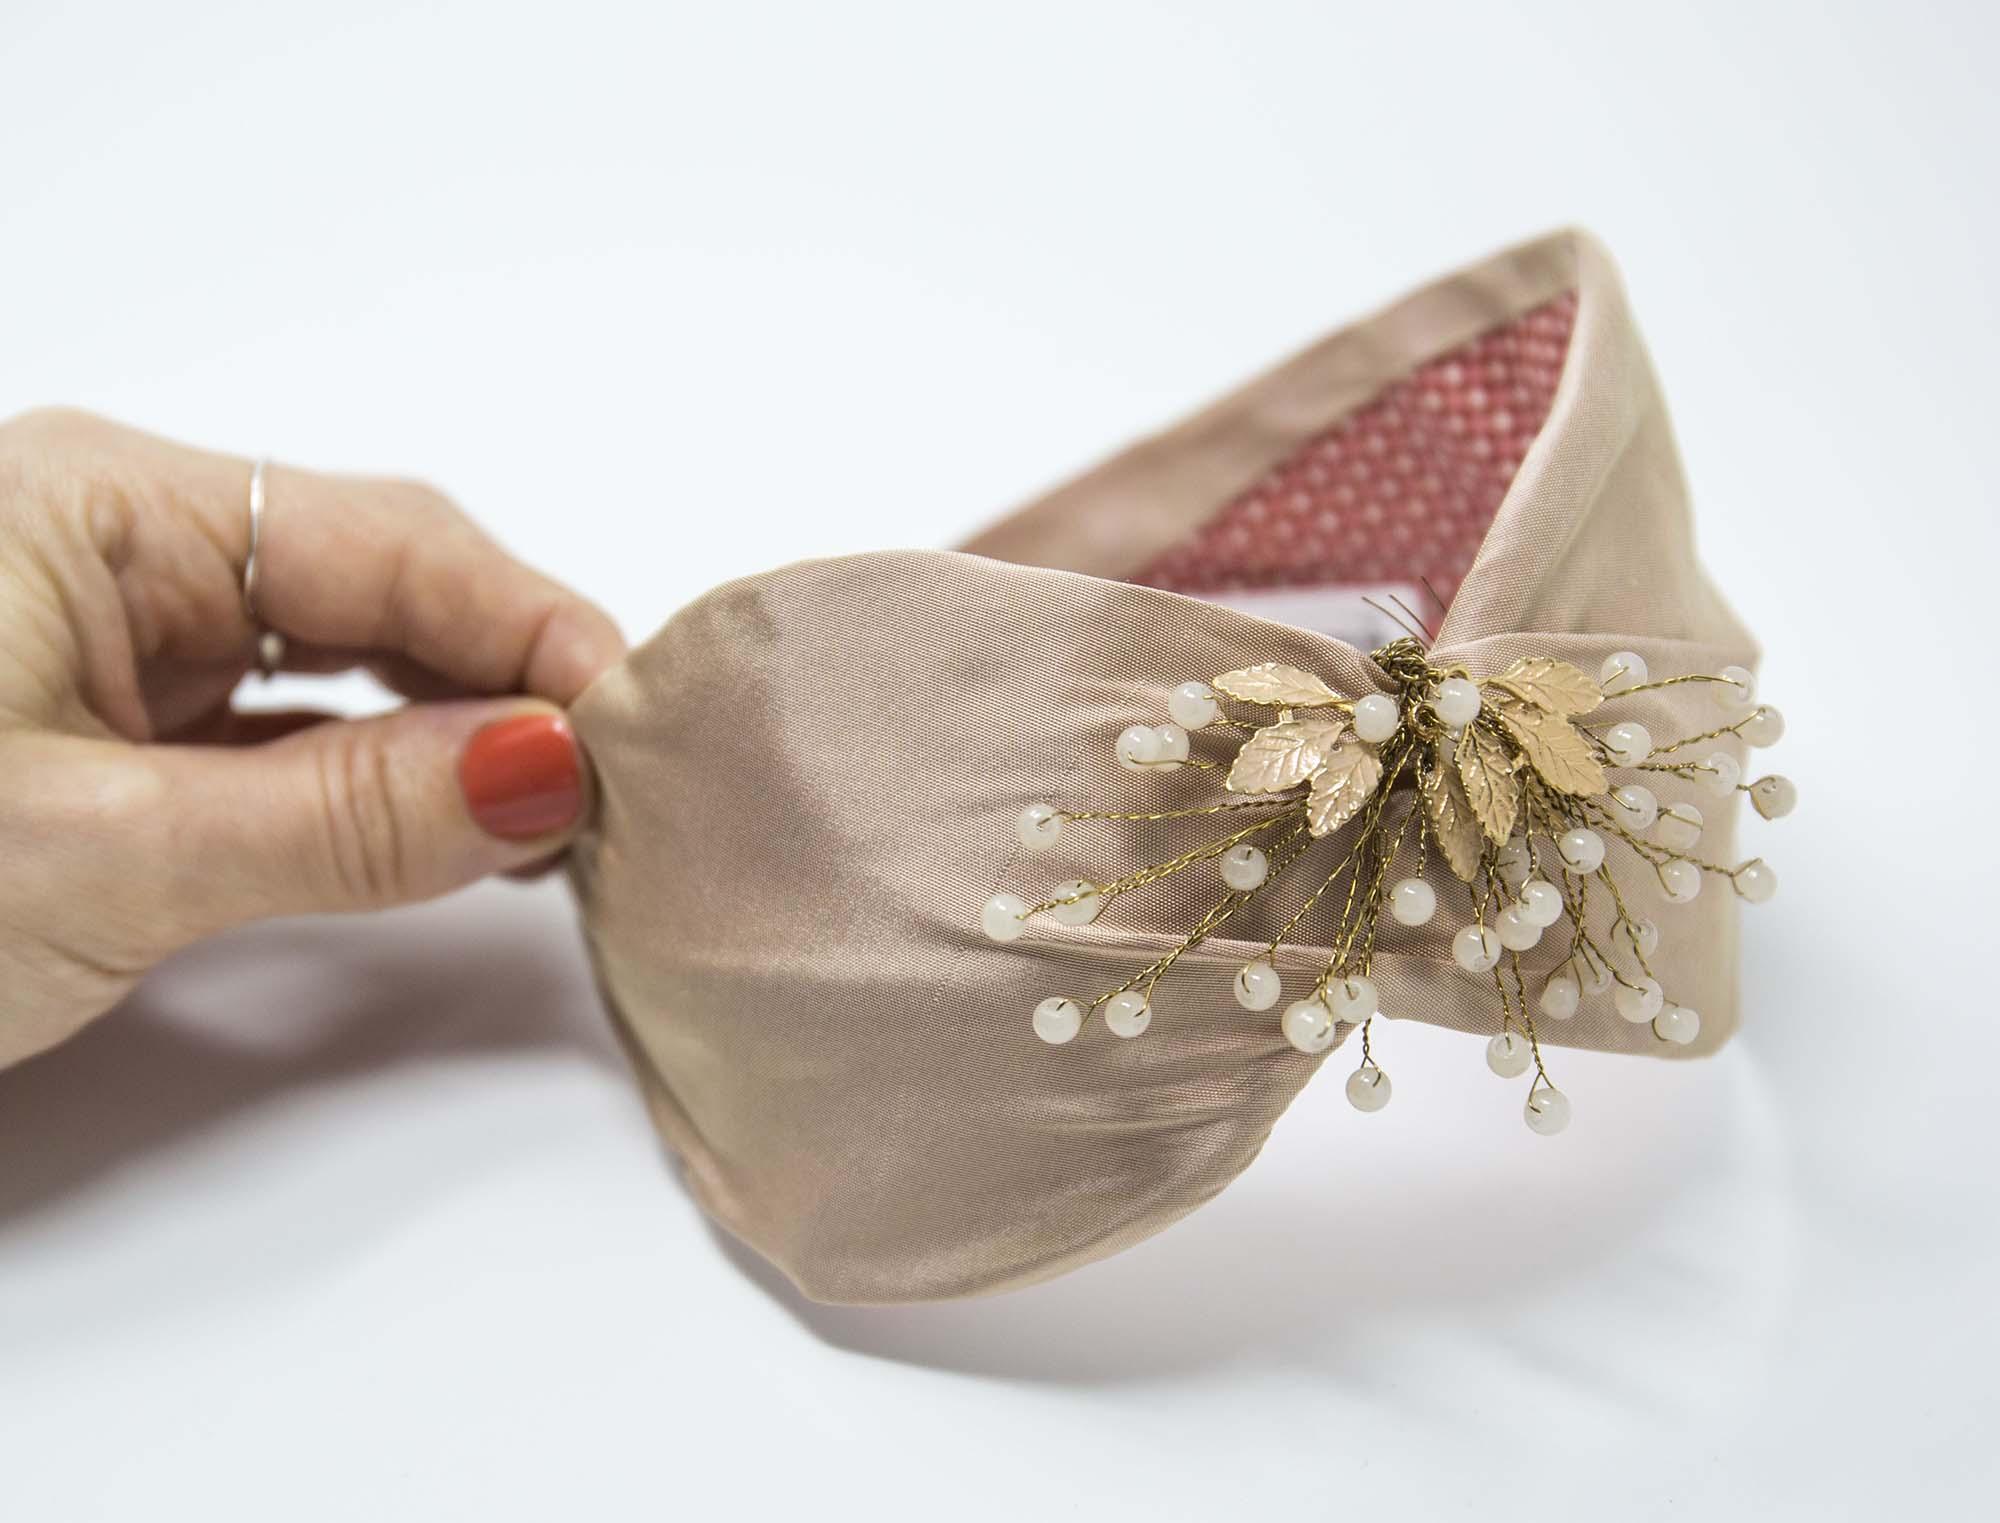 cerchietto gioiello fatto a mano udine